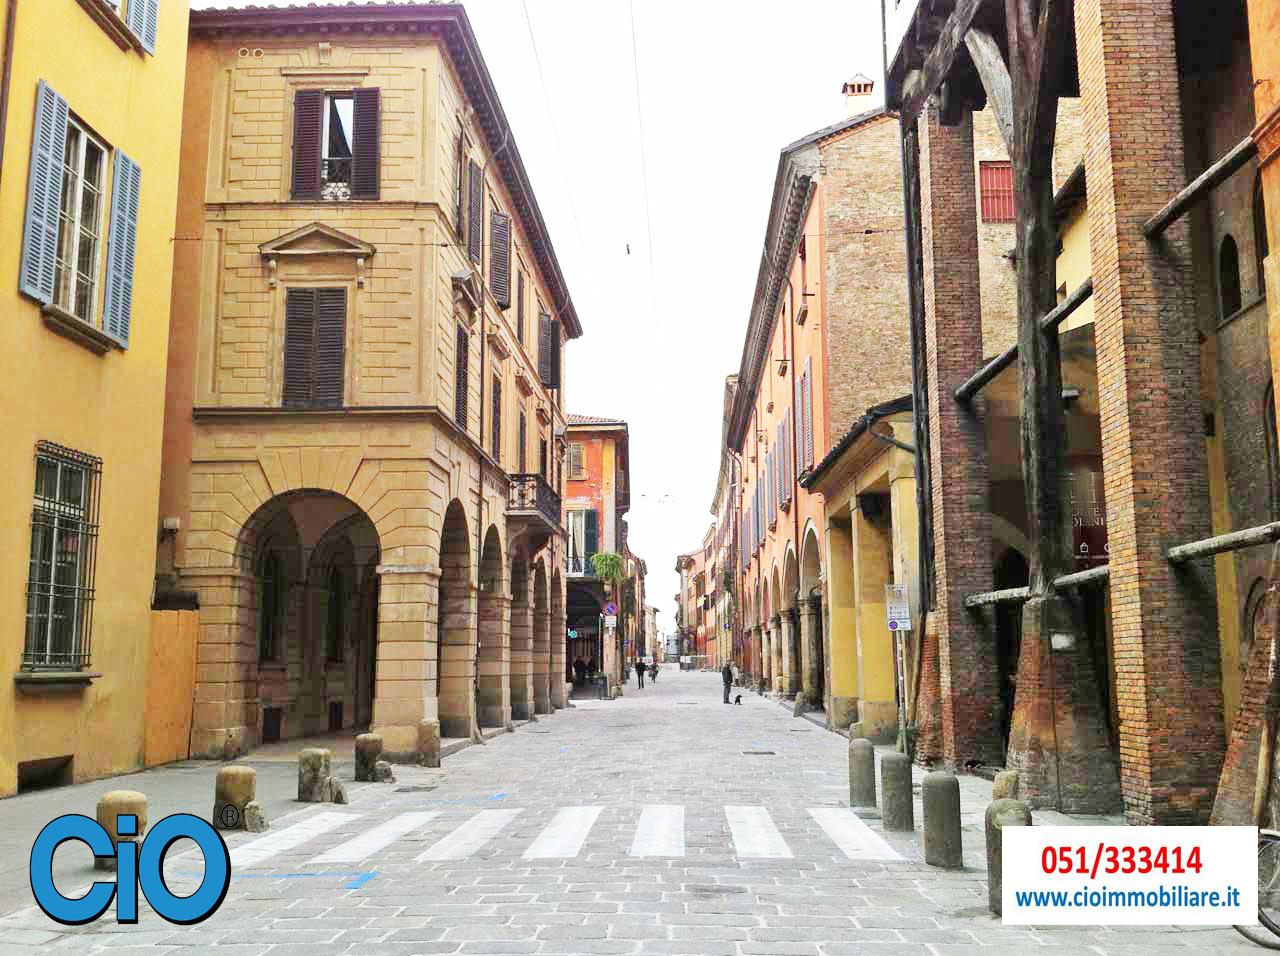 Attico / Mansarda in vendita a Bologna, 6 locali, Trattative riservate | PortaleAgenzieImmobiliari.it